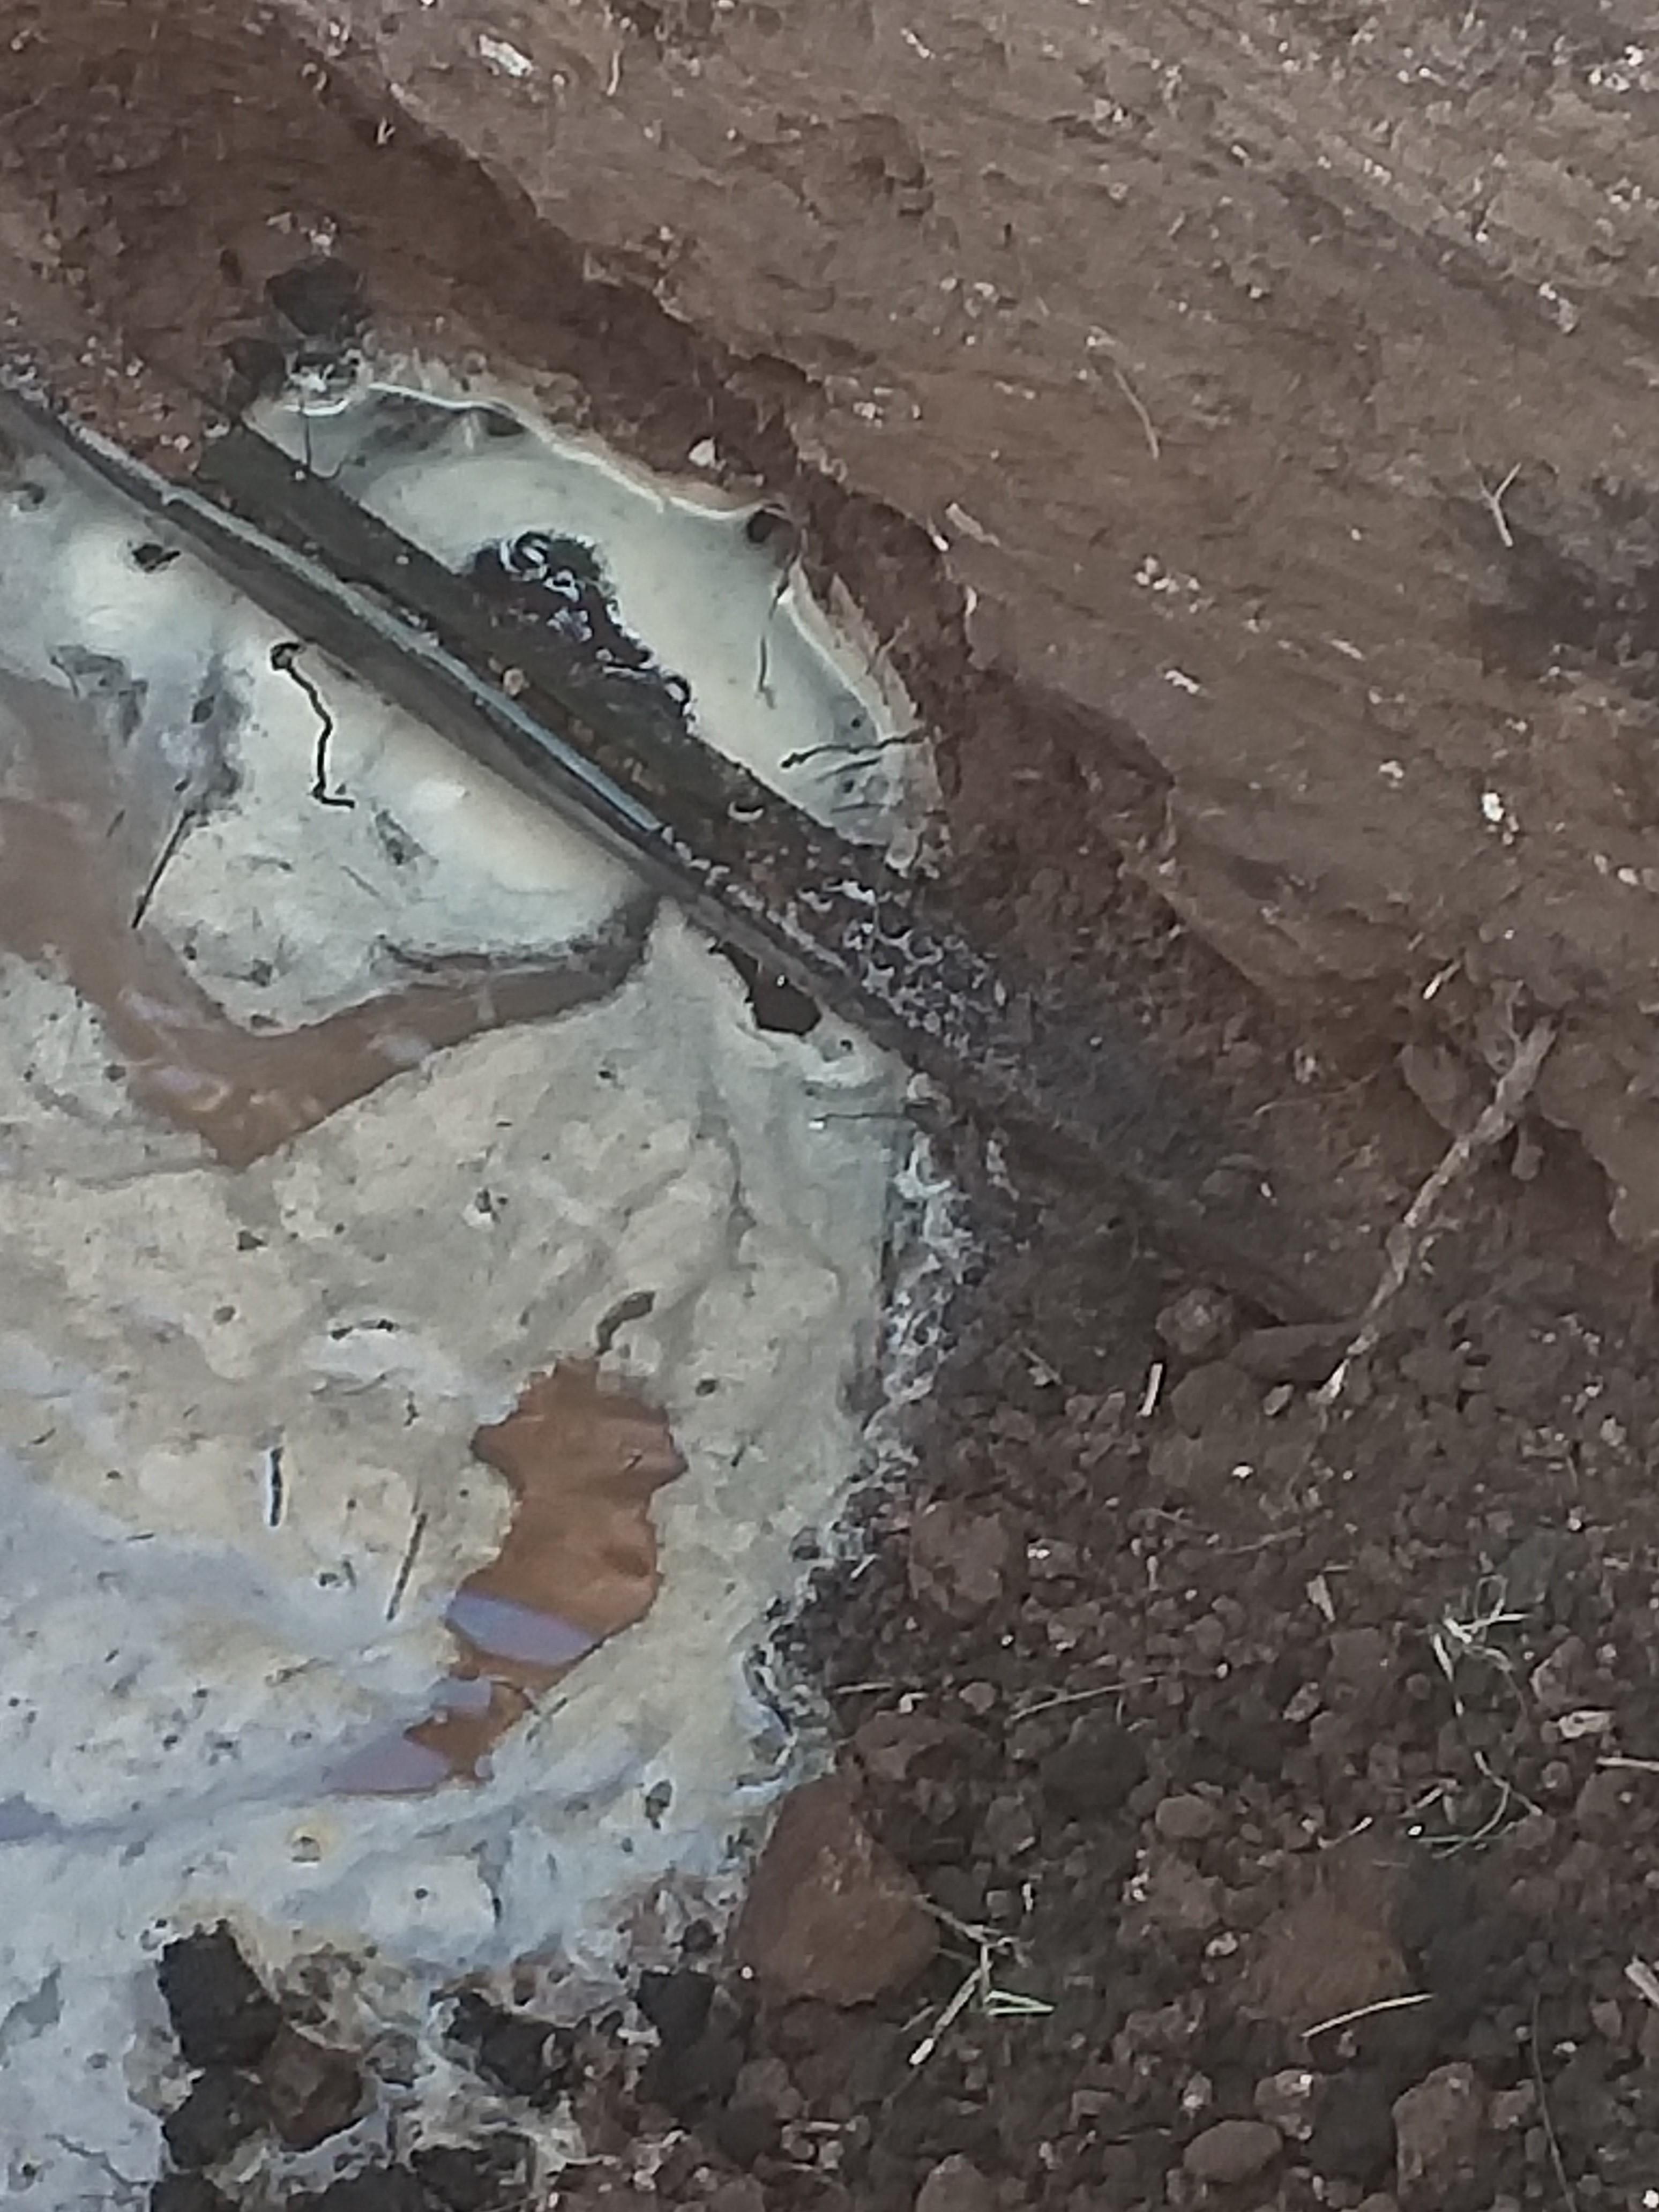 В 2019 году проведен капитальный ремонт водопровода по ул. Молодежная в с.ЦУП им.М.Горького